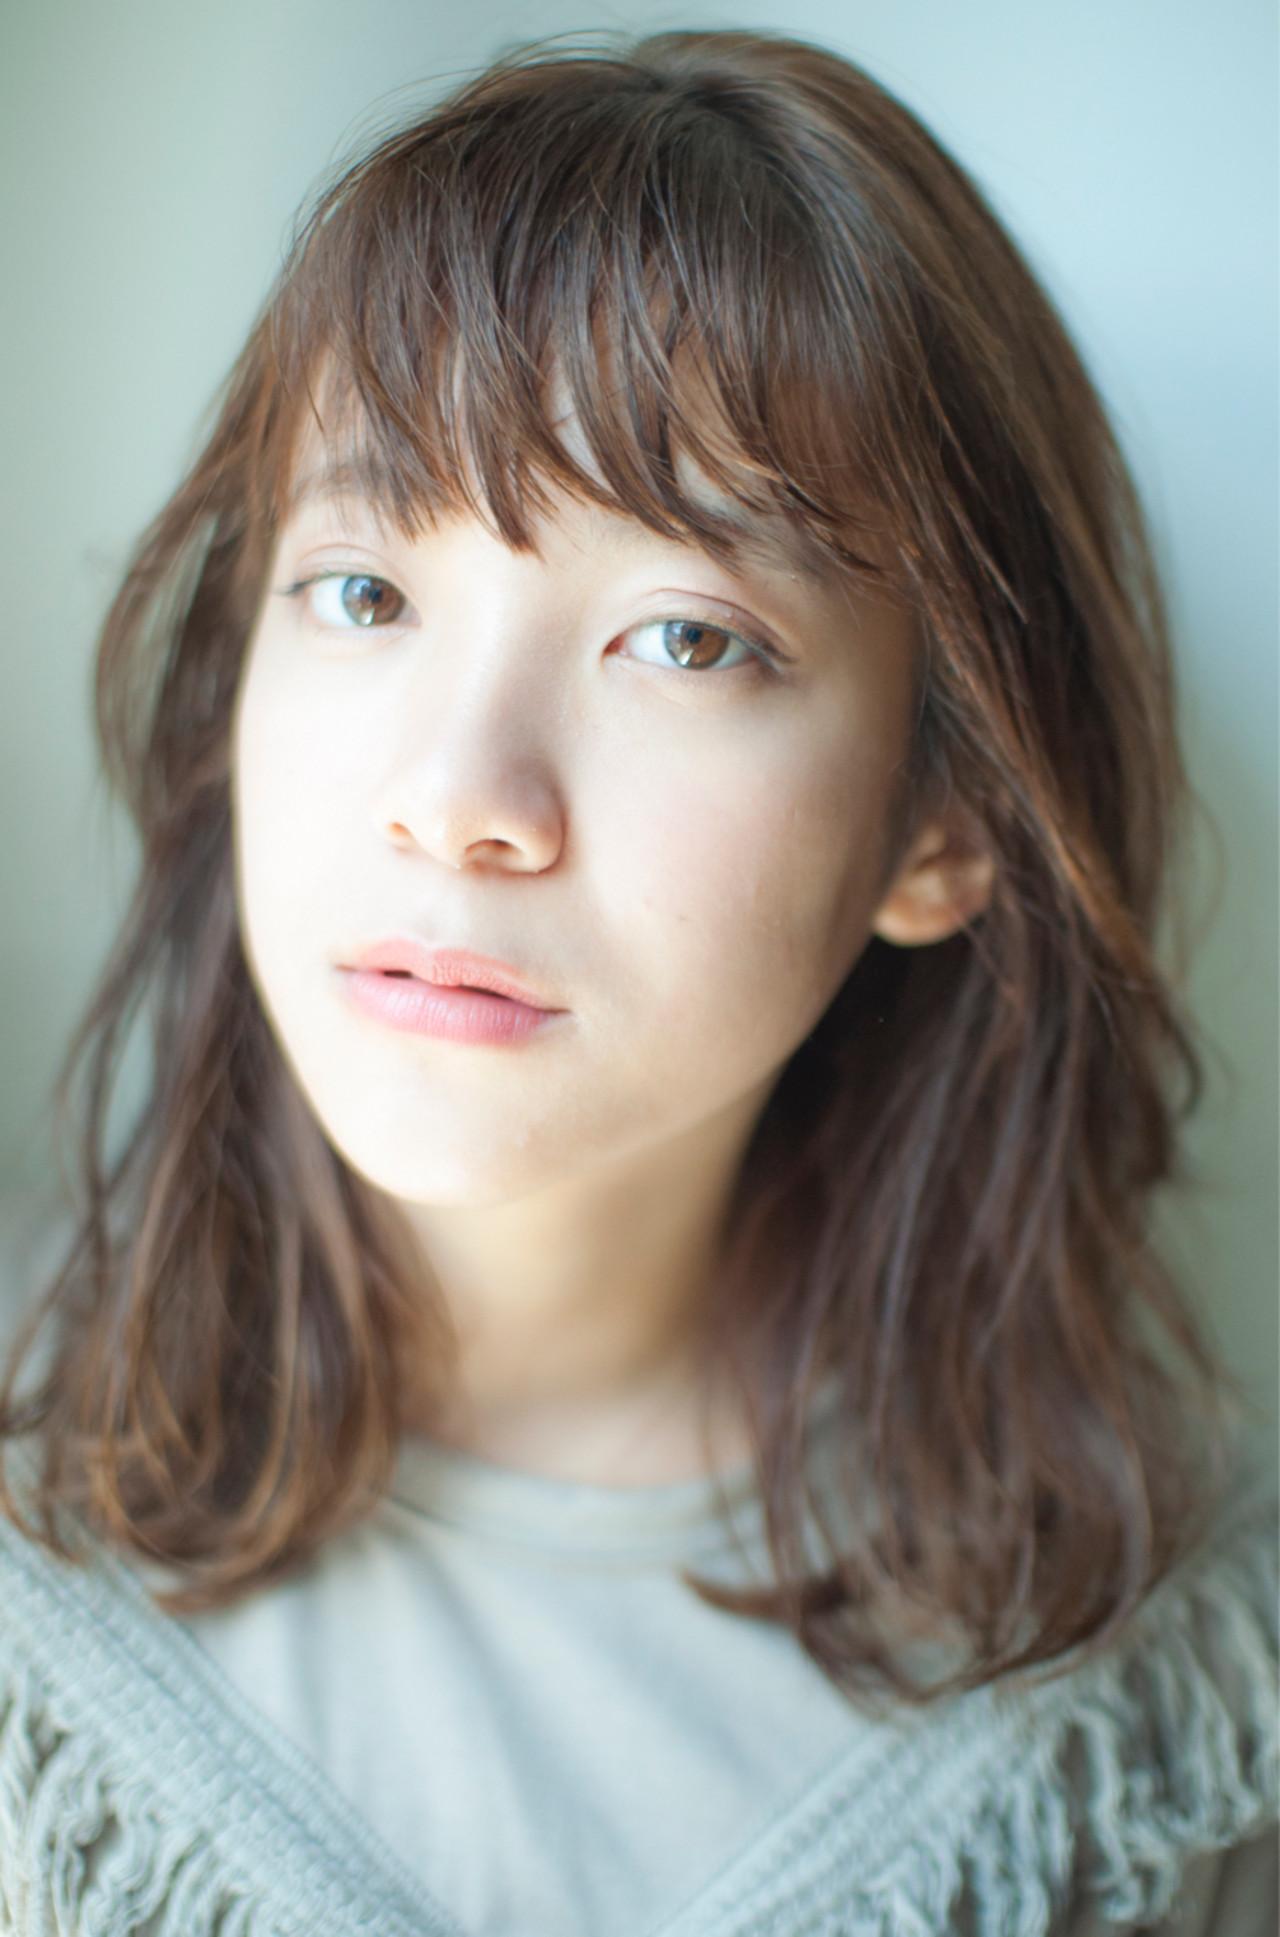 ミディアム ストリート 抜け感 ゆるふわ ヘアスタイルや髪型の写真・画像 | 力石サトシ HOMIE Tokyo /   HOMIE TOKYO